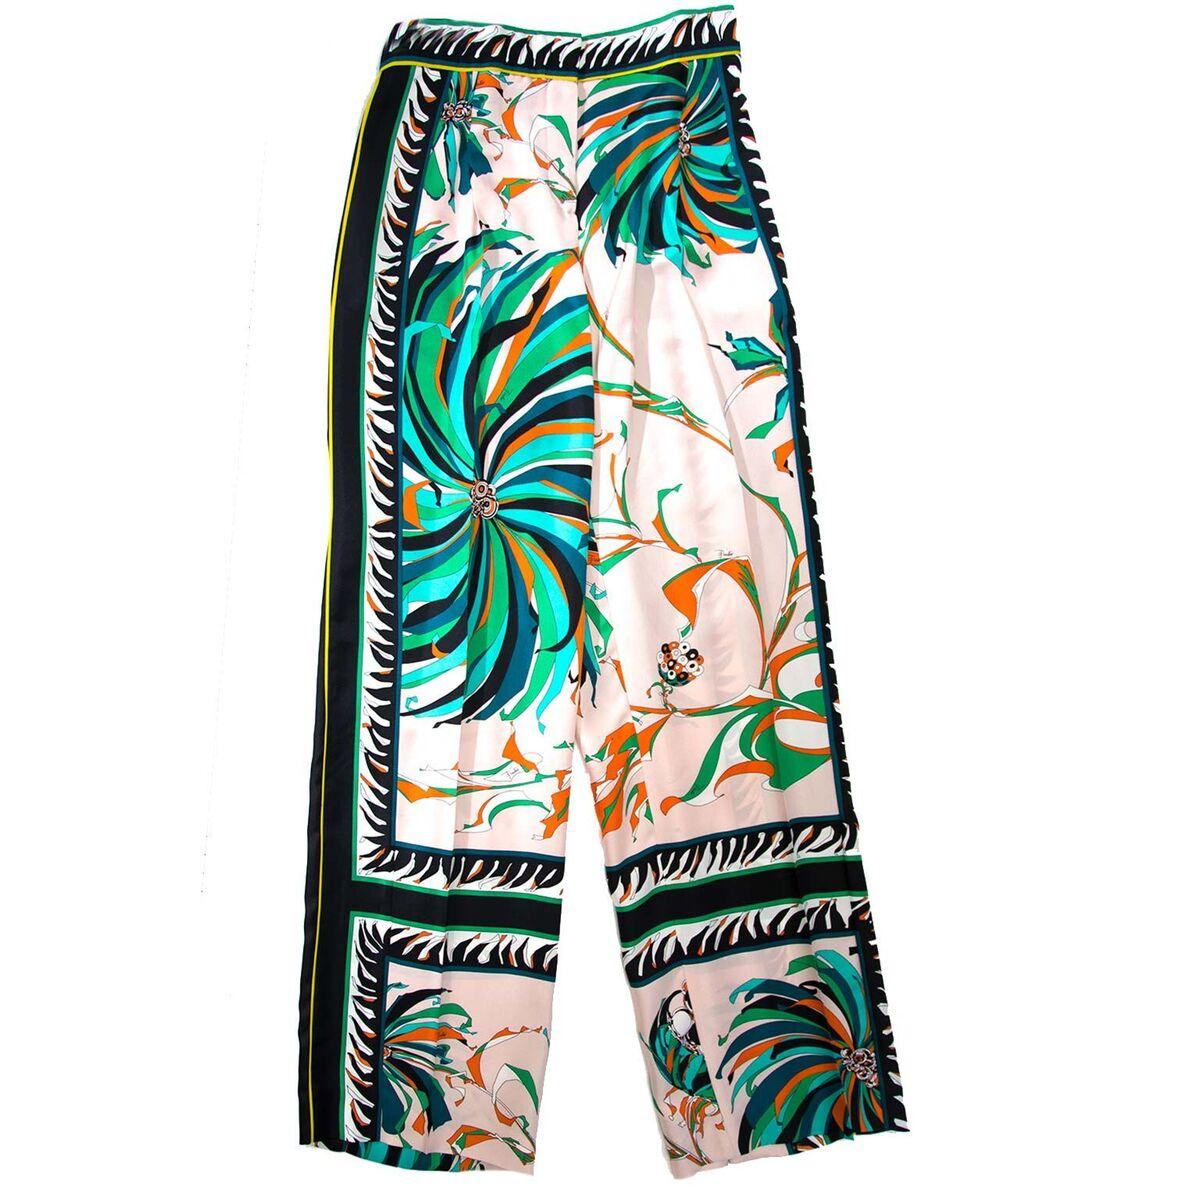 Koop authentieke tweedehands Pucci pantalons aan een eerlijke prijs bij LabelLOV. Veilig online shoppen.